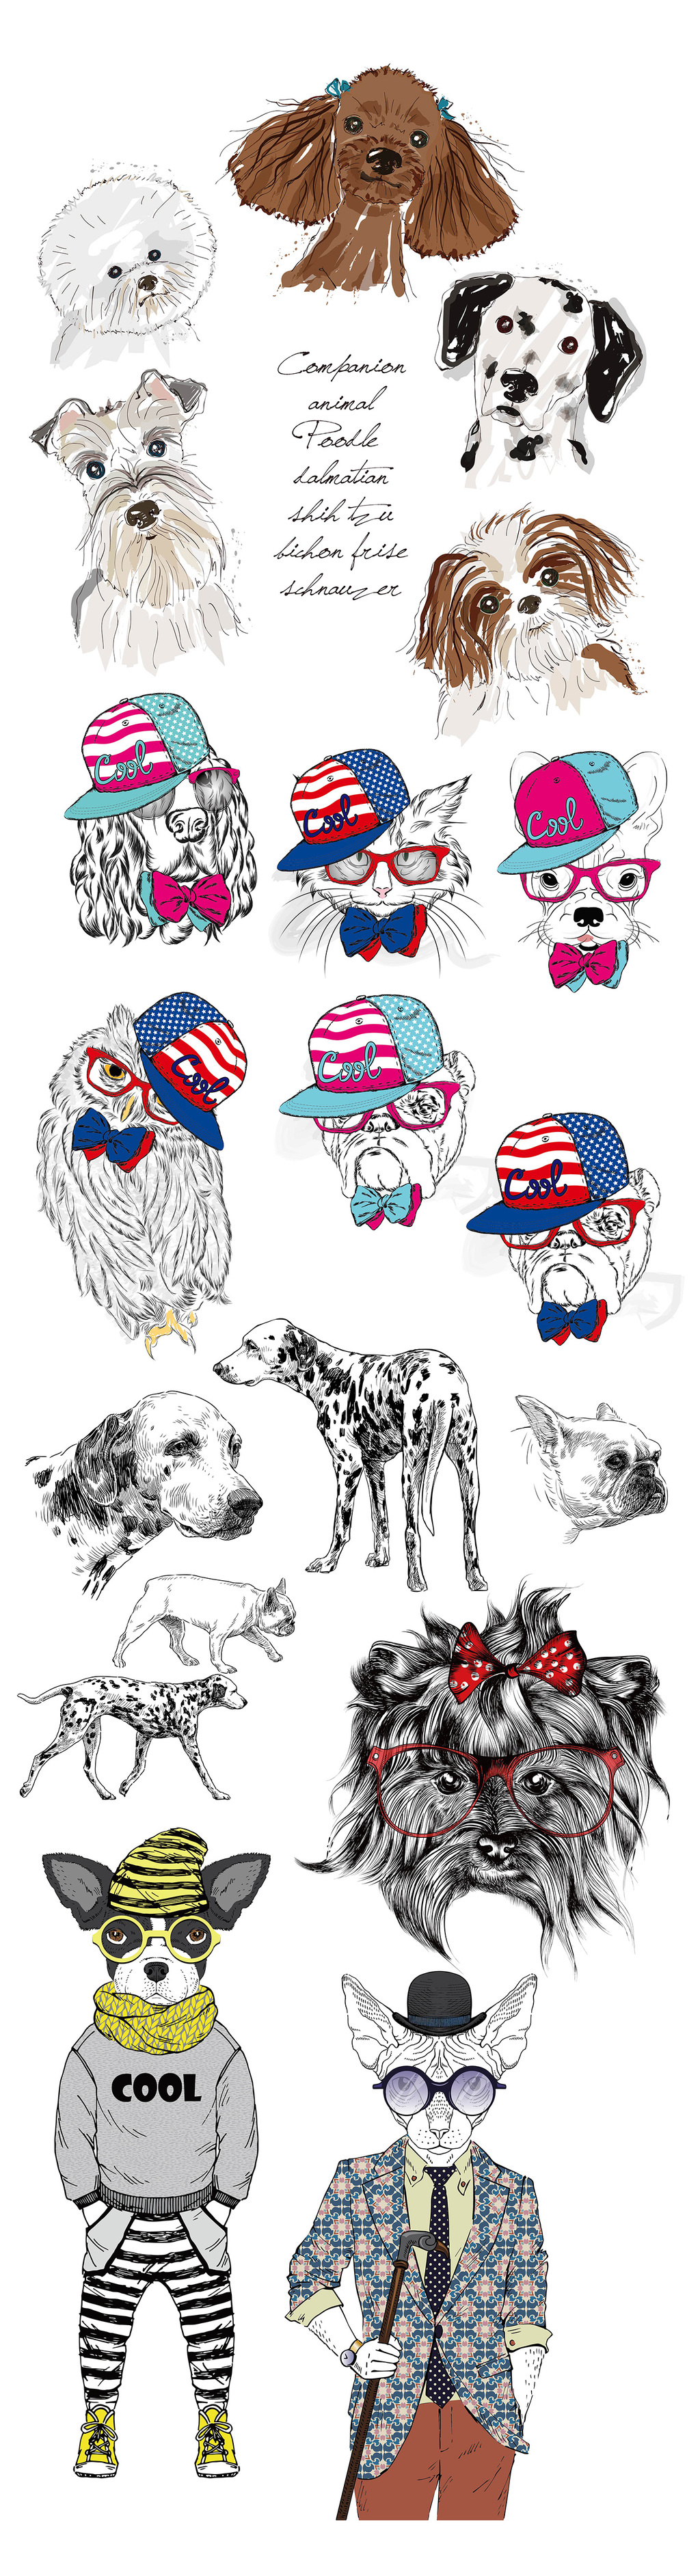 可爱手绘线描狗狗设计元素